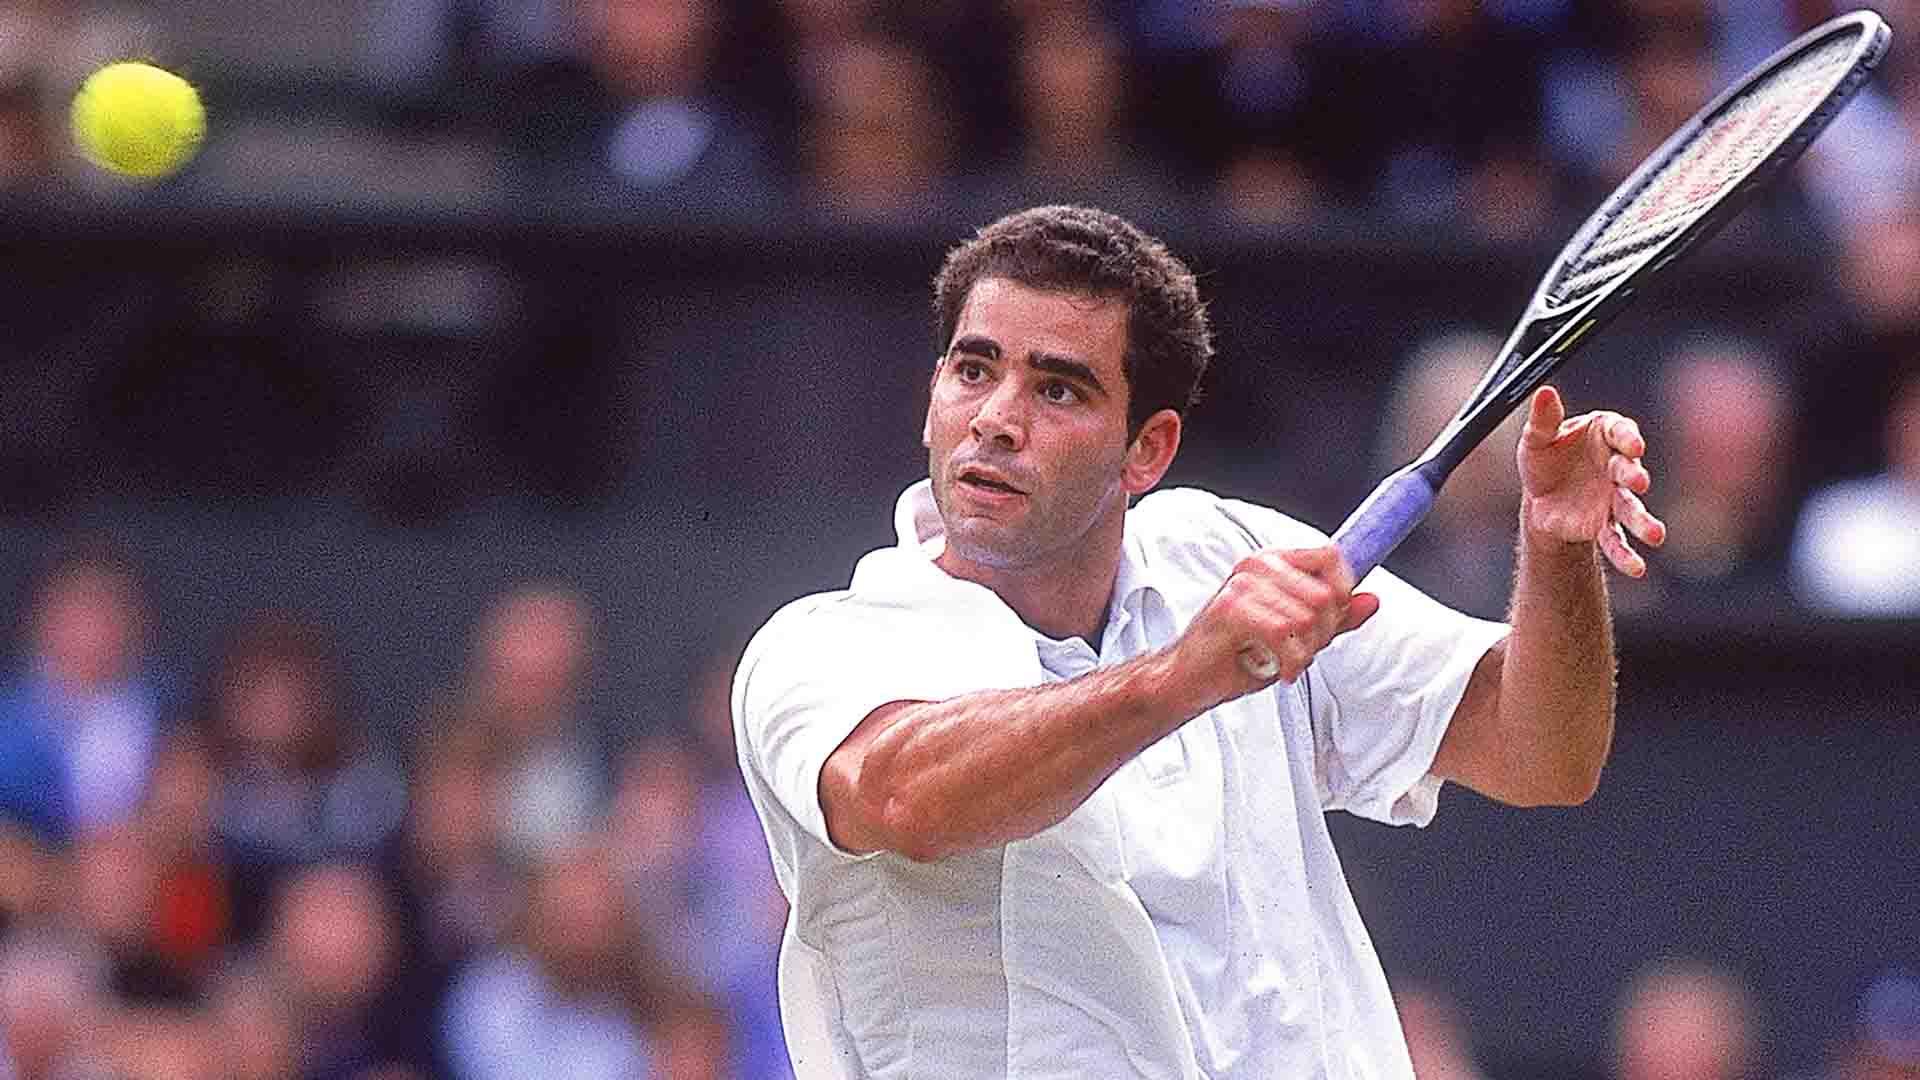 <a href='/en/players/pete-sampras/s402/overview'>Pete Sampras</a> lifted seven Gentlemen's Singles titles at <a href='/en/tournaments/wimbledon/540/overview'>Wimbledon</a> between 1993 and 2000.